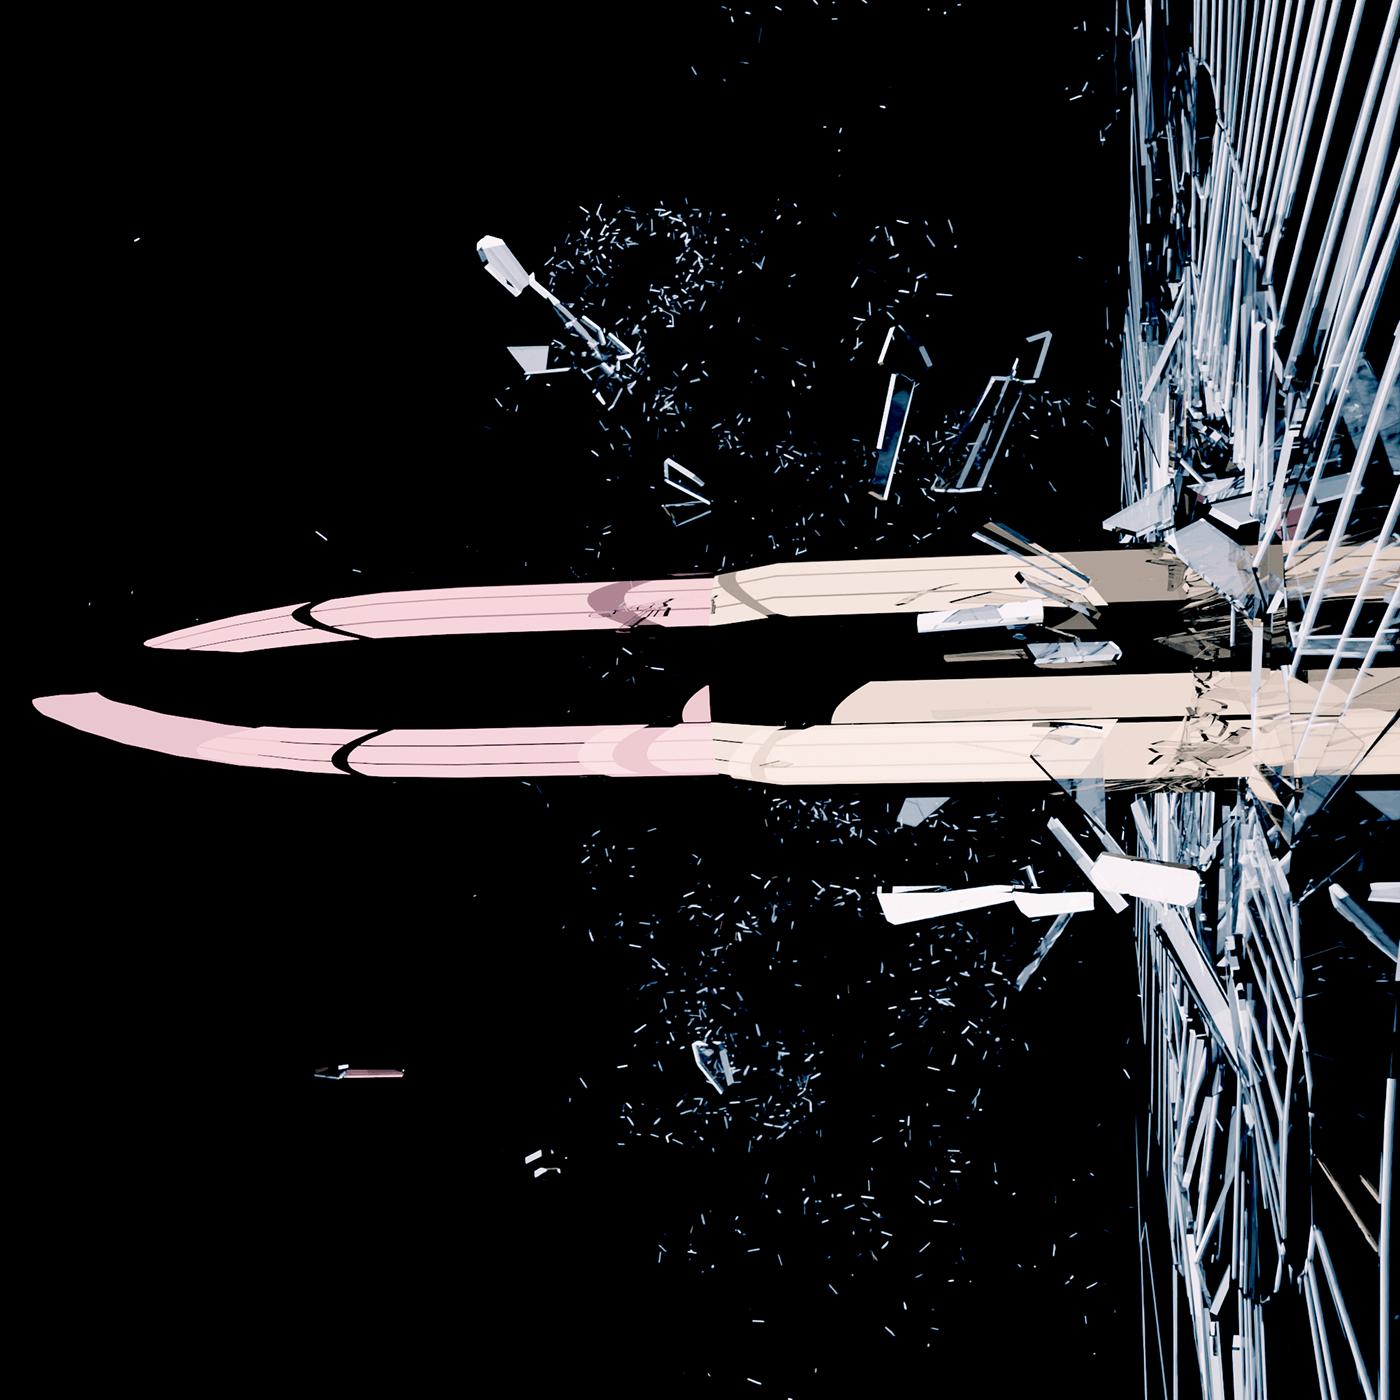 3dmodeling 3drender 3dworks blender Bullet rendering